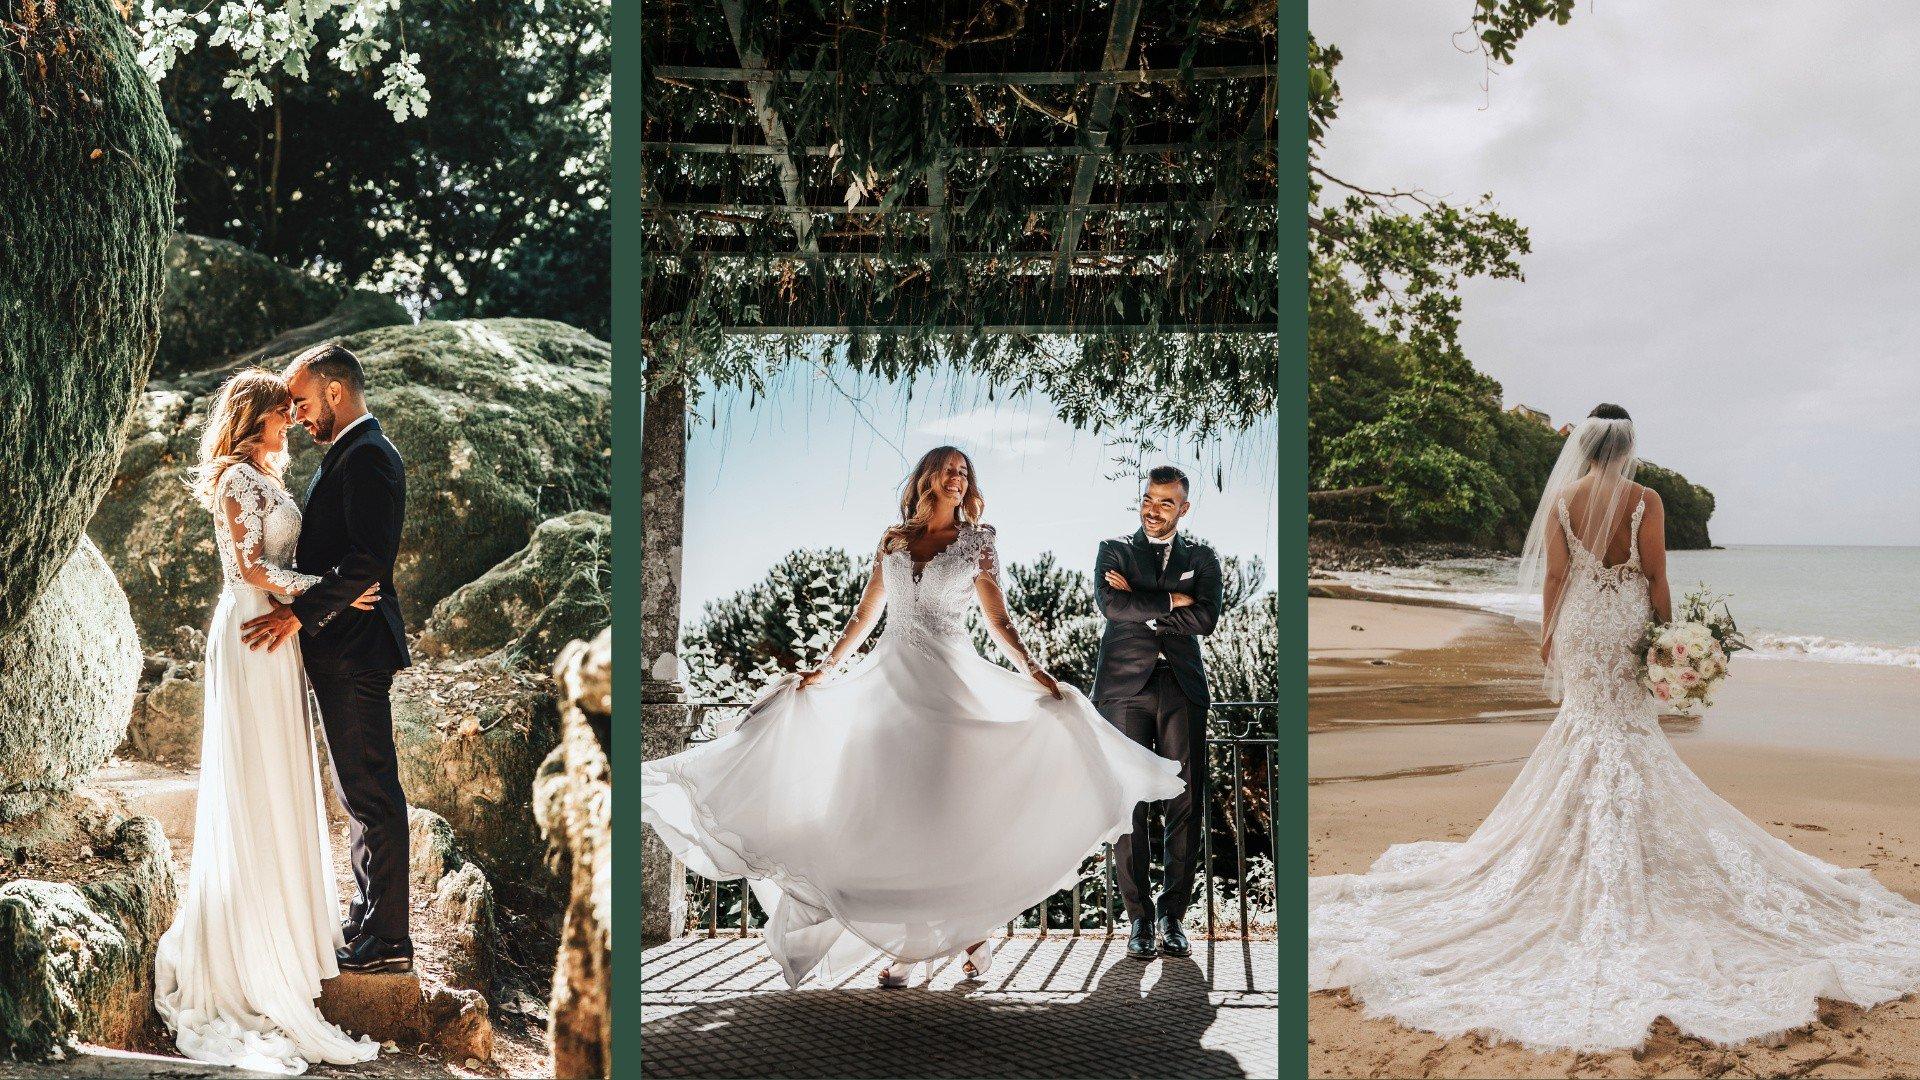 5cf4a74810 Najmodniejsze kroje i sukienki ślubne w tym sezonie. Jaką sukienkę wybrać  na ślub  Piękne propozycje dla Panny Młodej